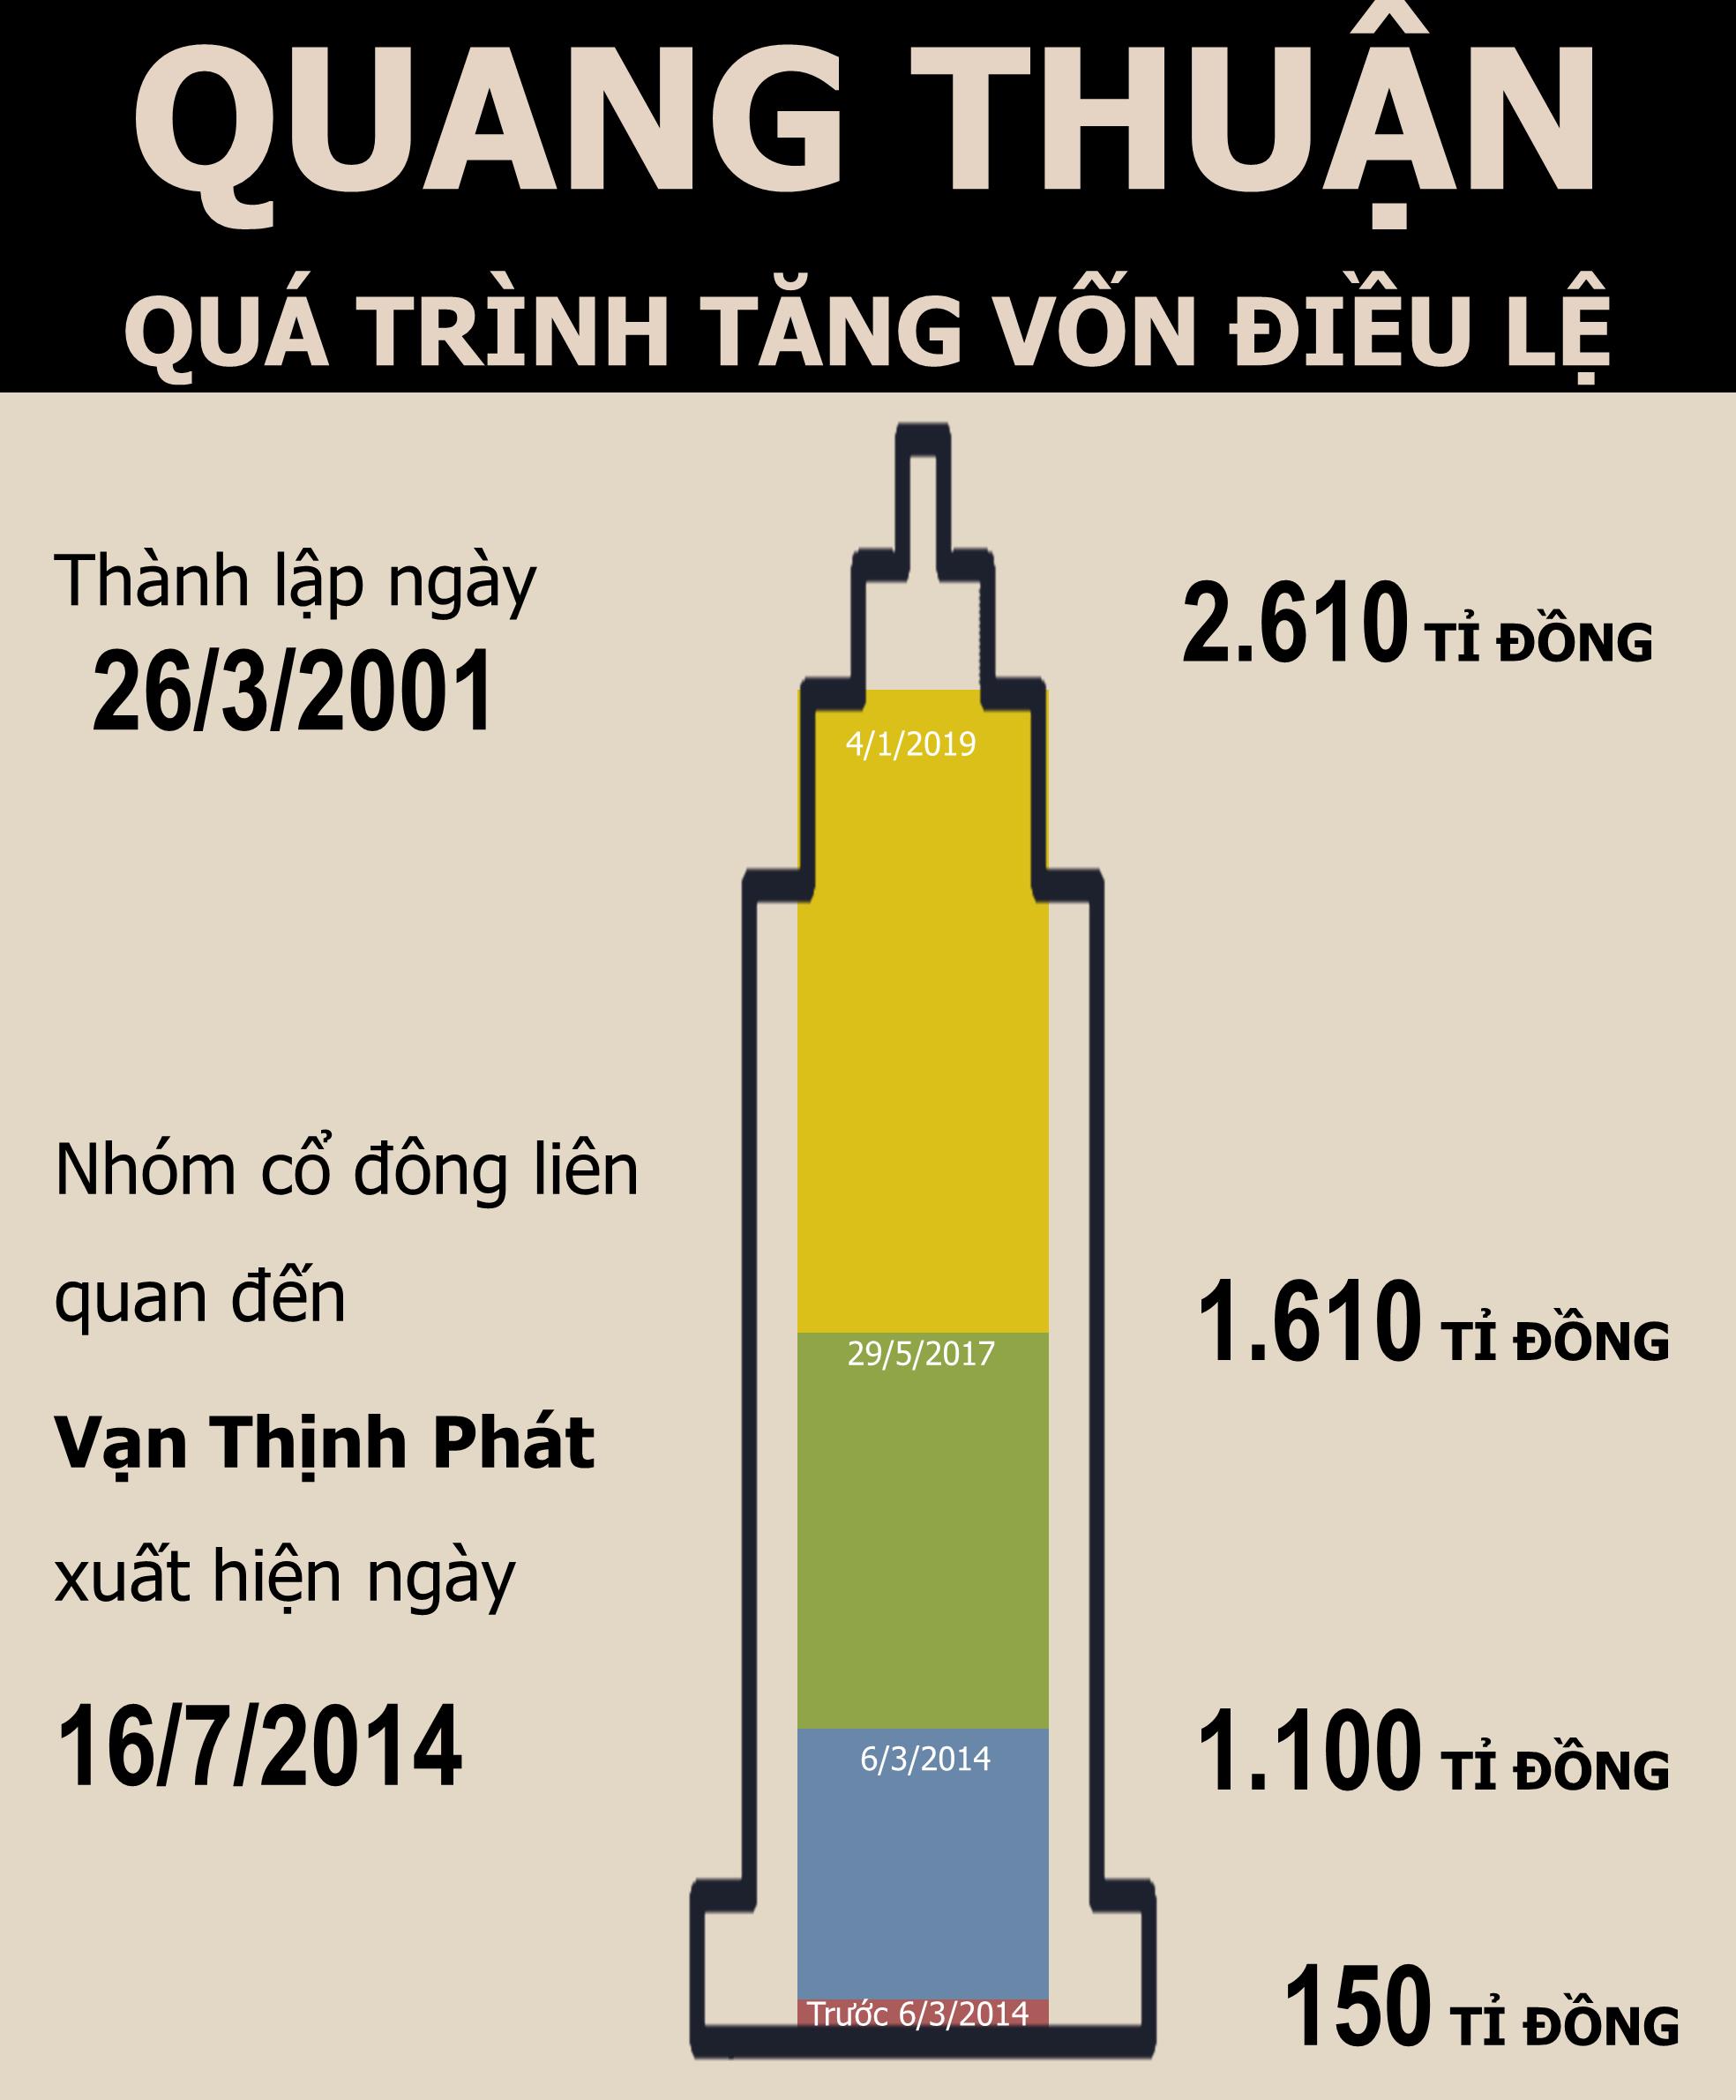 Doanh nghiệp liên quan đến Vạn Thịnh Phát tiếp tục hút dòng vốn nghìn tỉ - Ảnh 4.